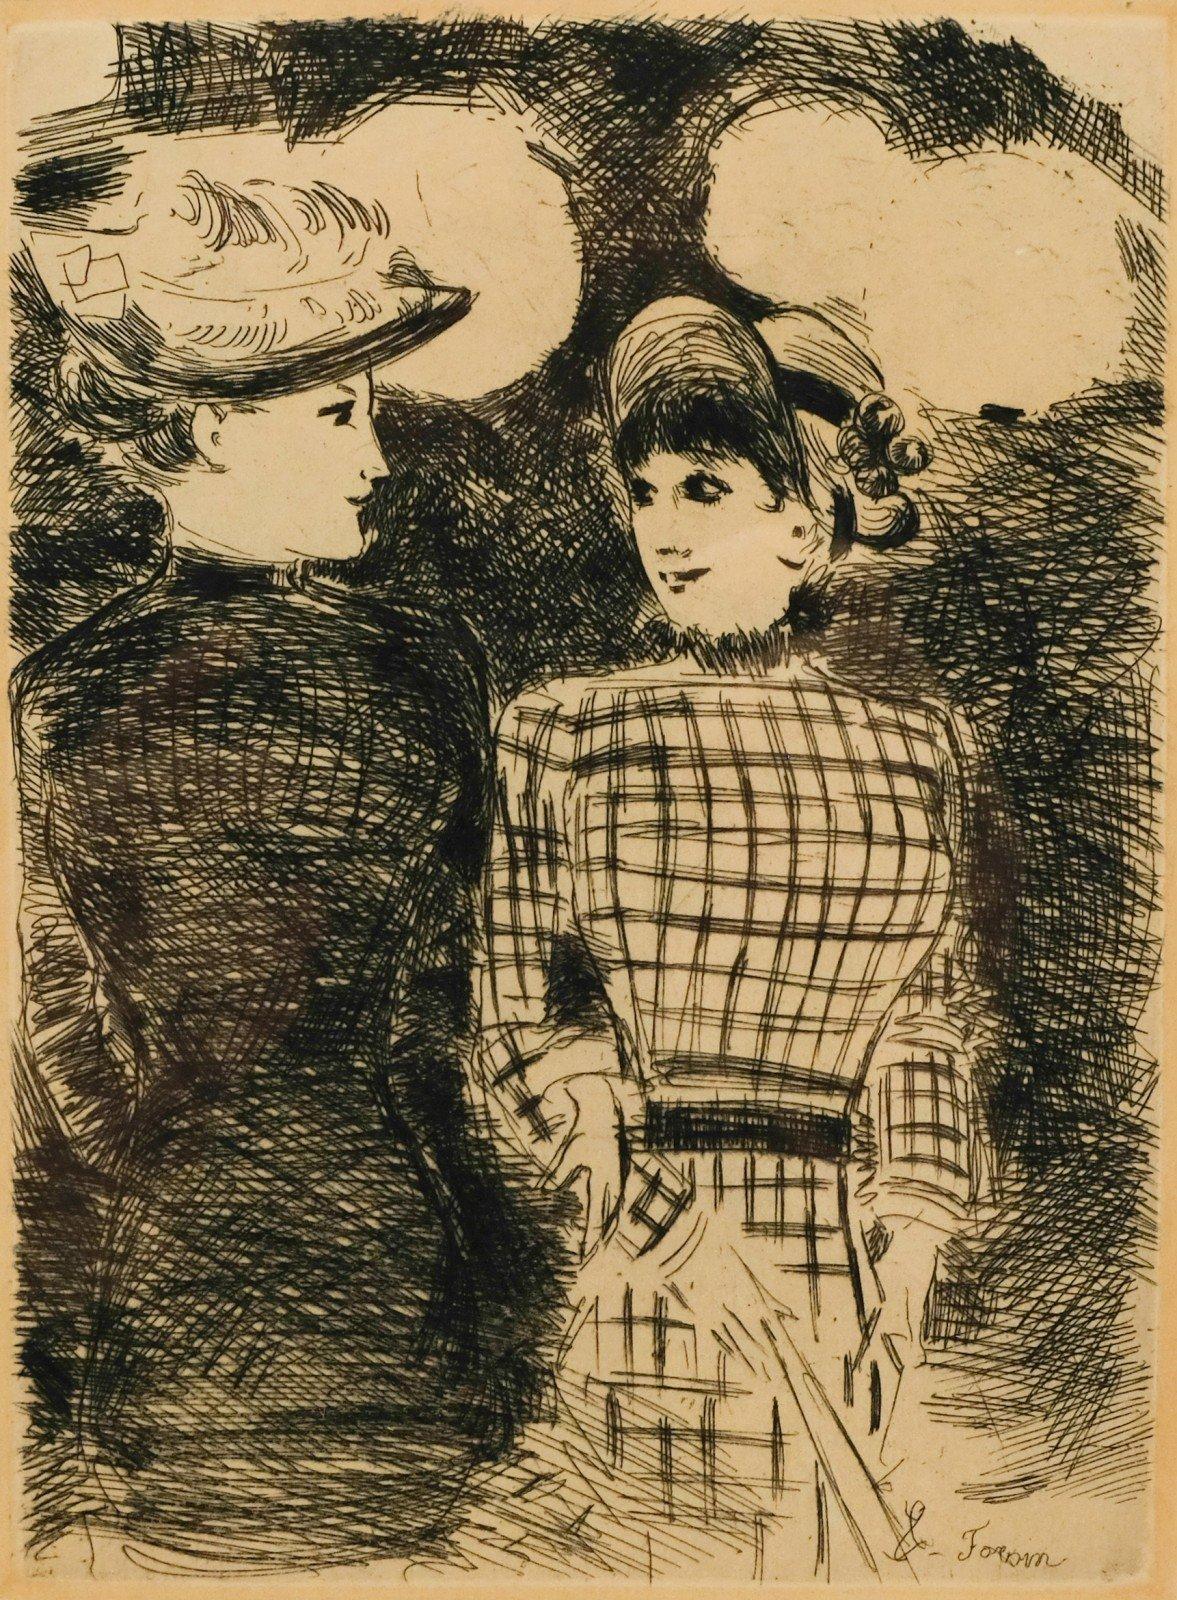 Jean-Louis Forain (1852-1931) - A Bullier